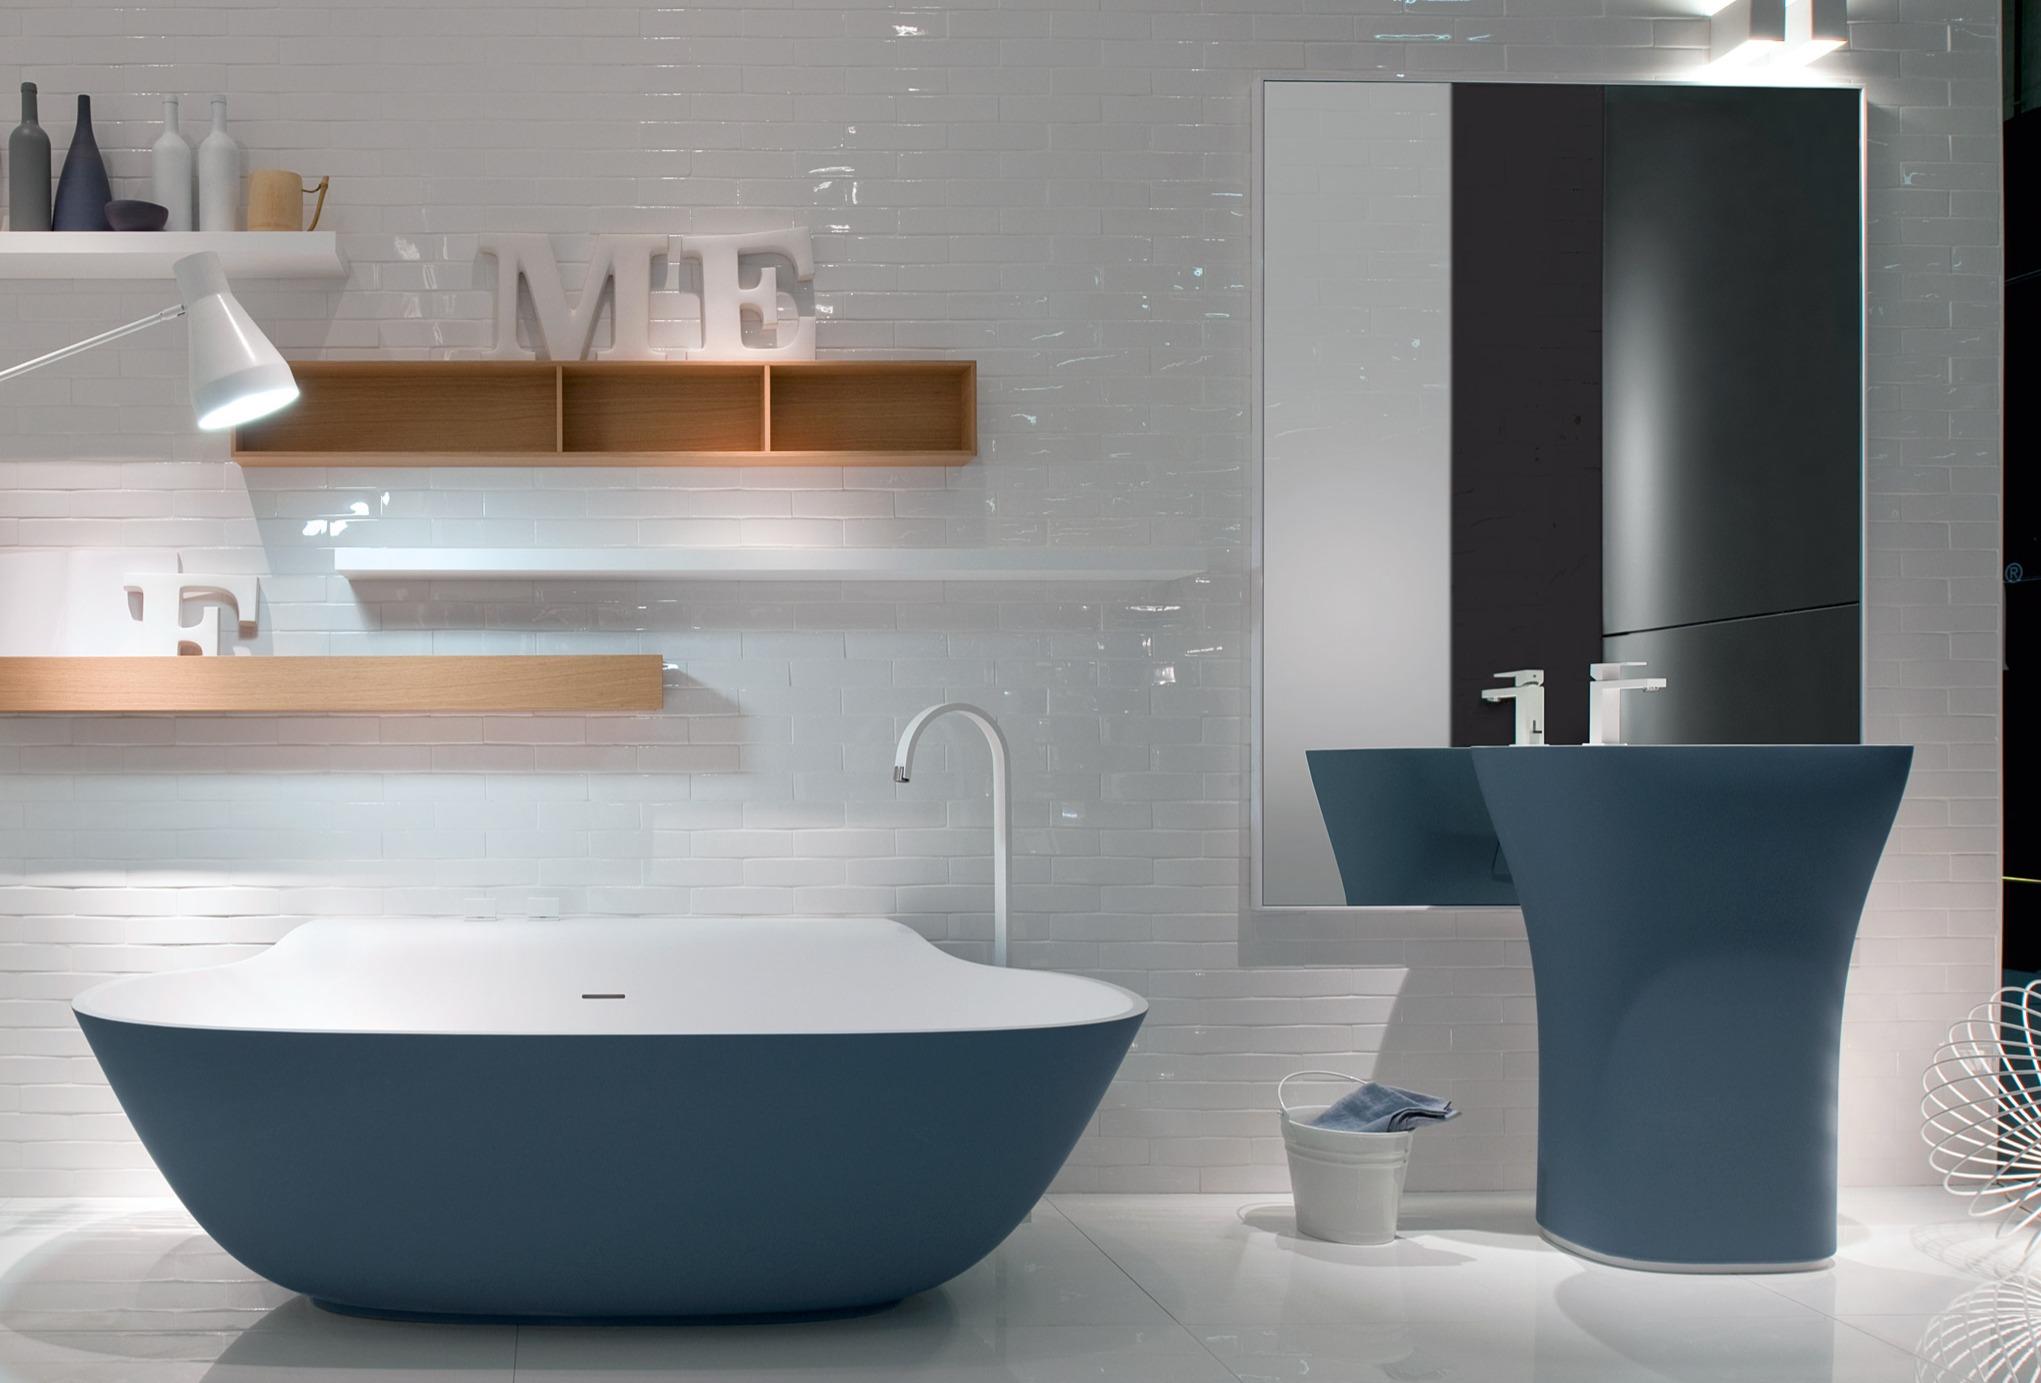 scoop-bath-tub-6_edited